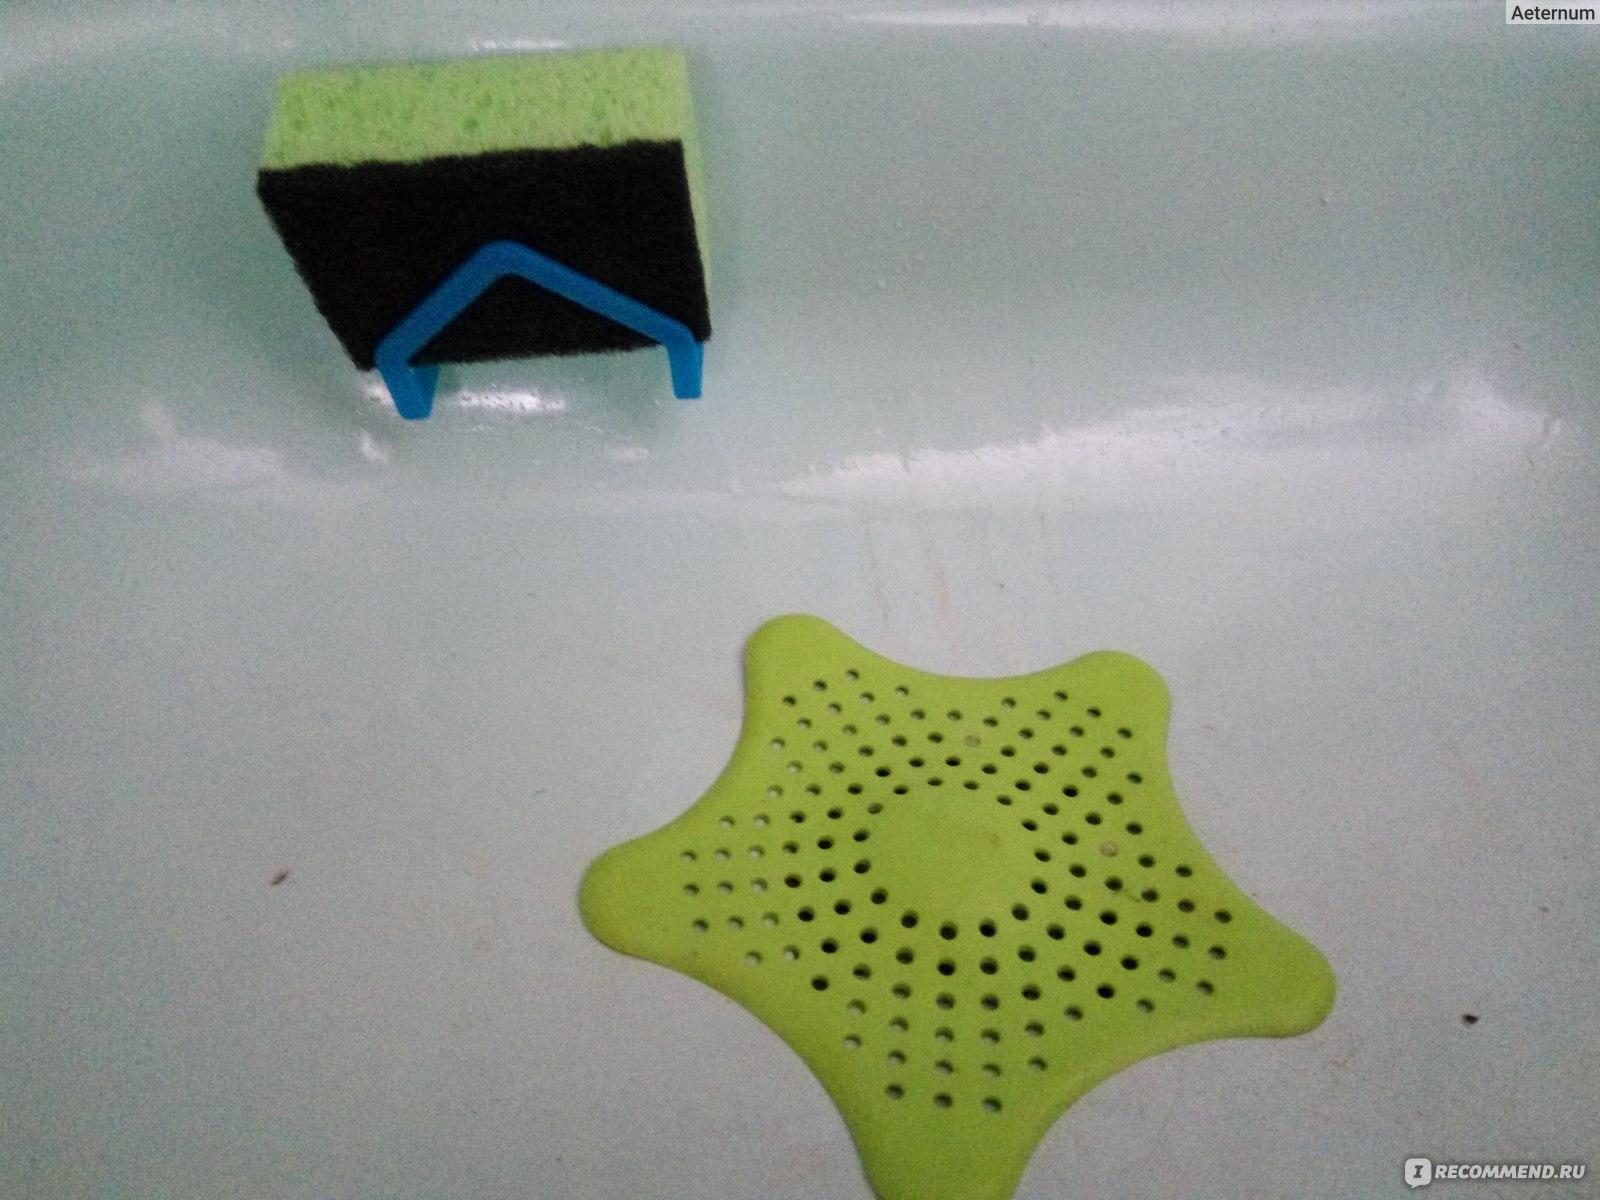 Где ещё можно использовать губки для мытья посуды - сделай сам - медиаплатформа миртесен